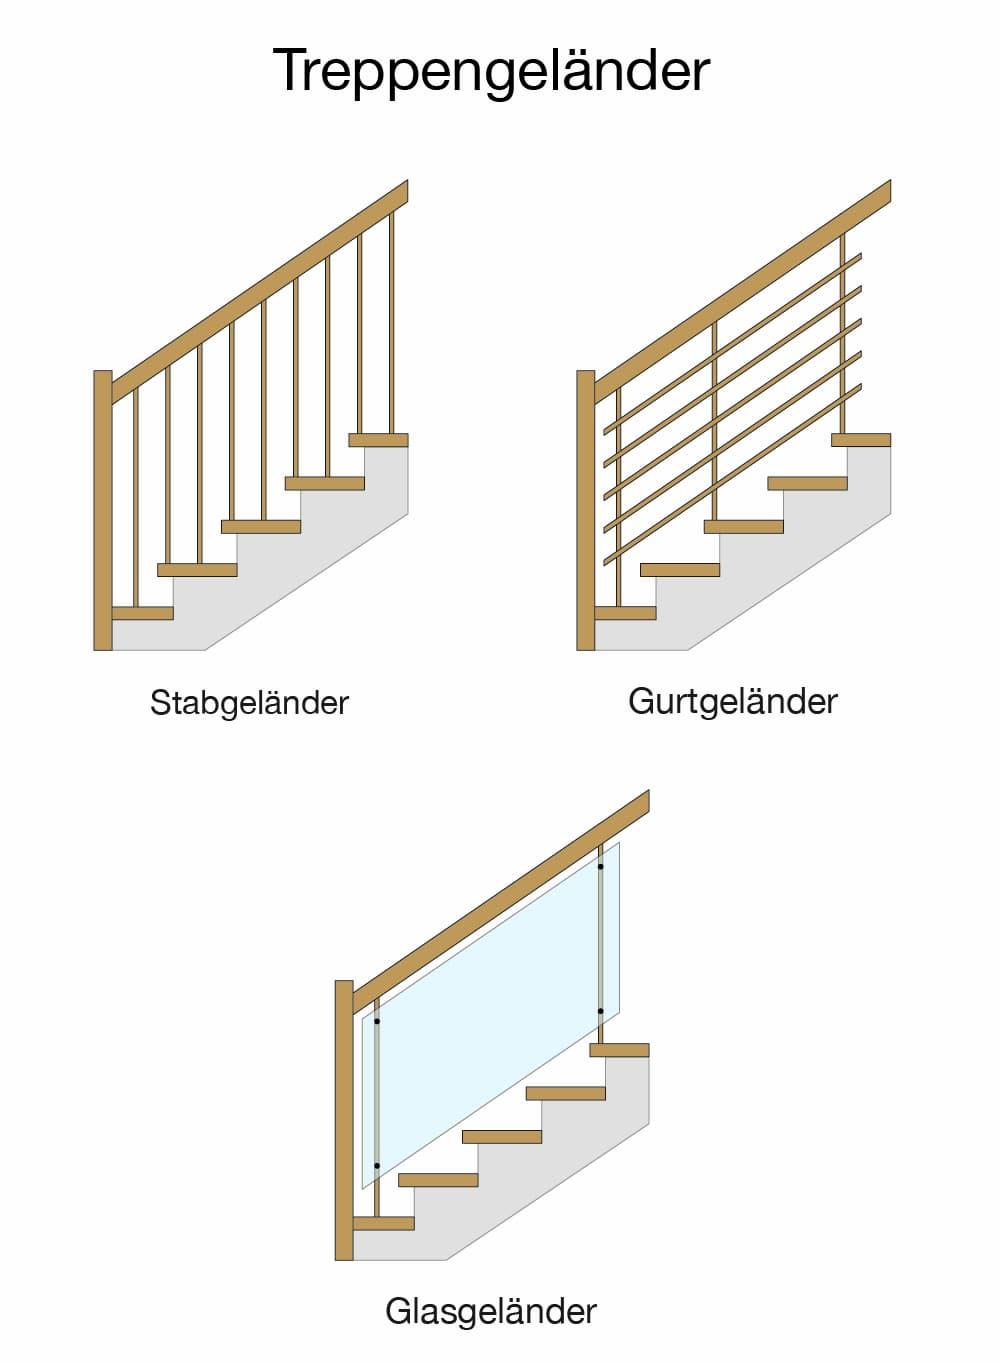 Verschiedene Arten von Treppengeländern